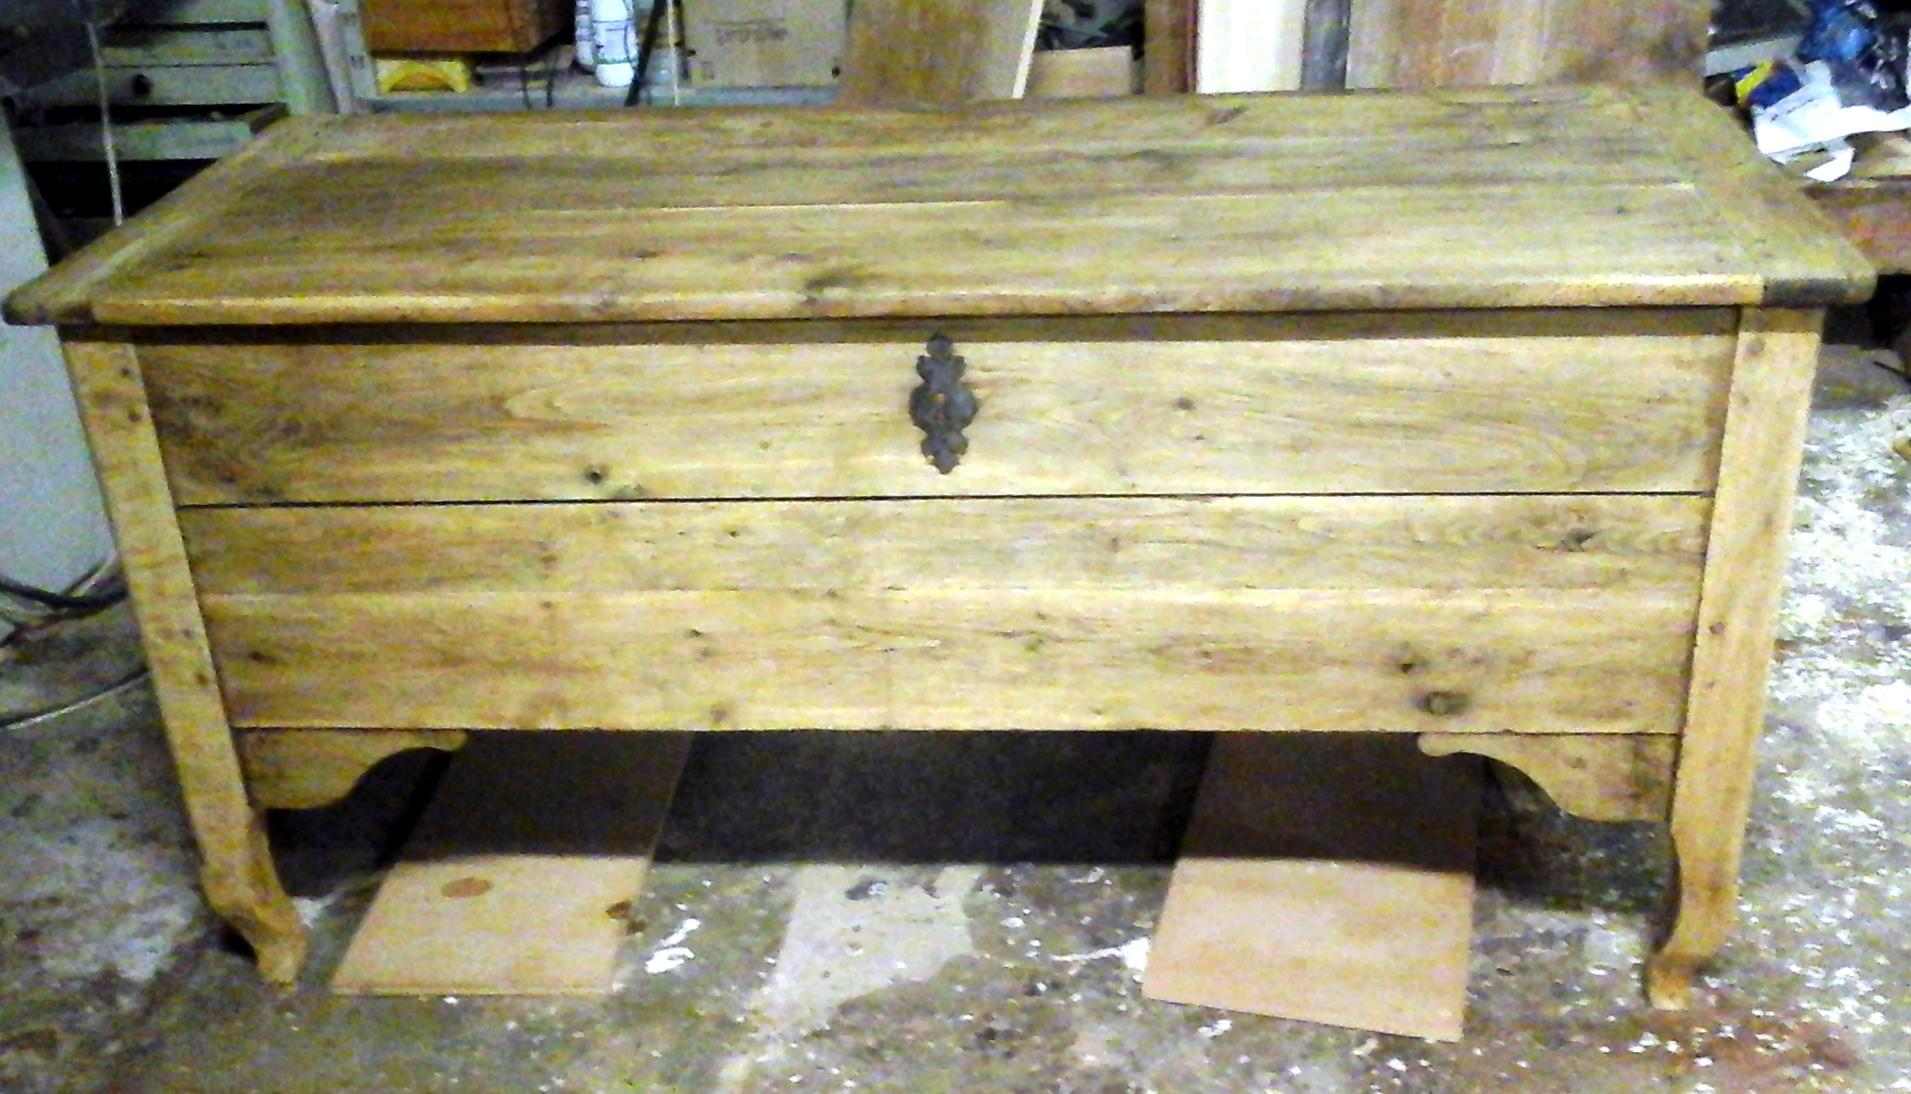 Restauration de meubles anciens martin pesme - Restauration de meubles anciens ...